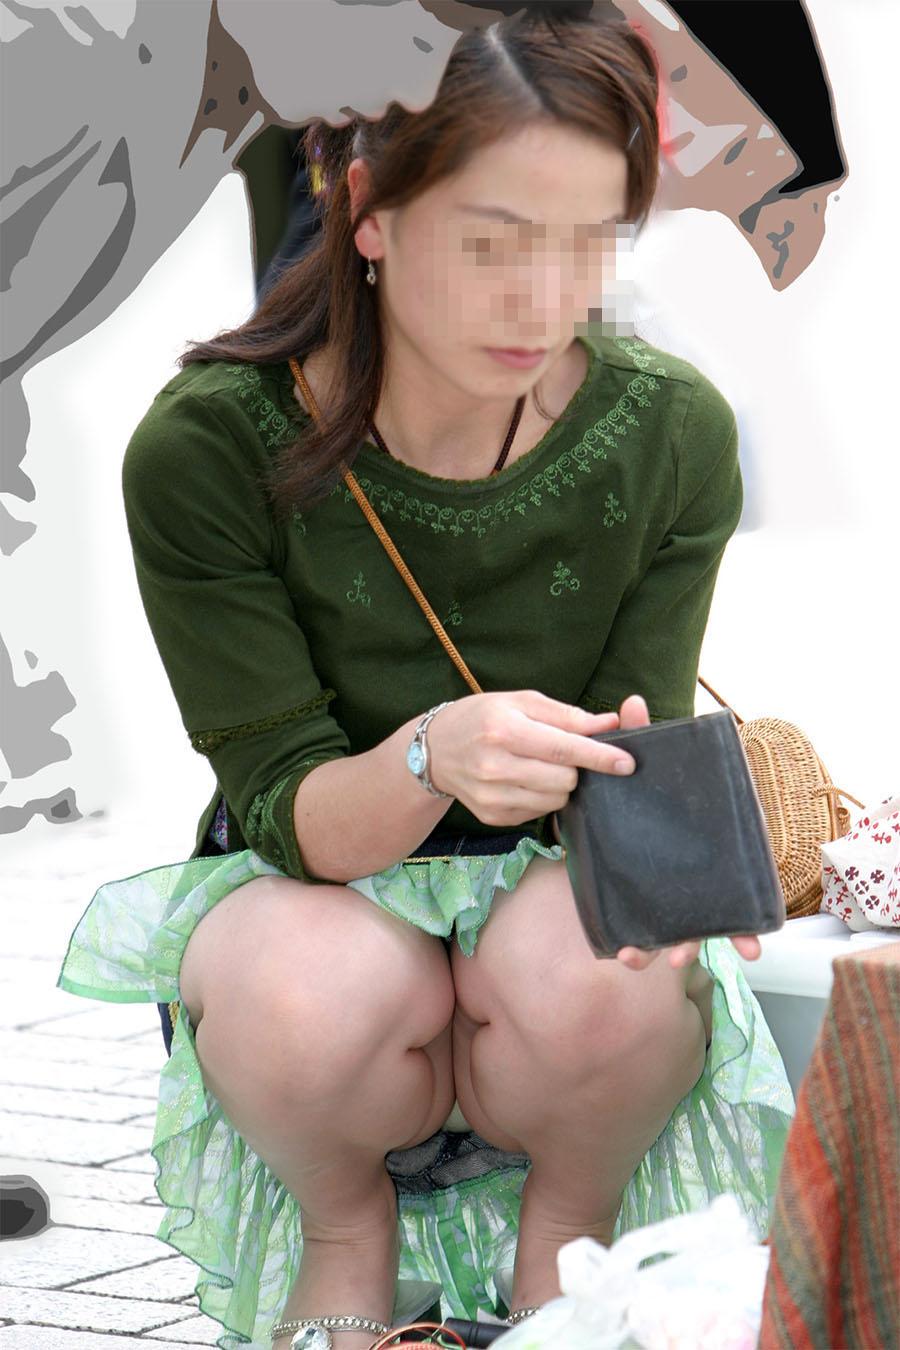 【パンチラエロ画像】迂闊している女子は見逃さない!迷わず激写の対象な座りパンチラ女子www 03